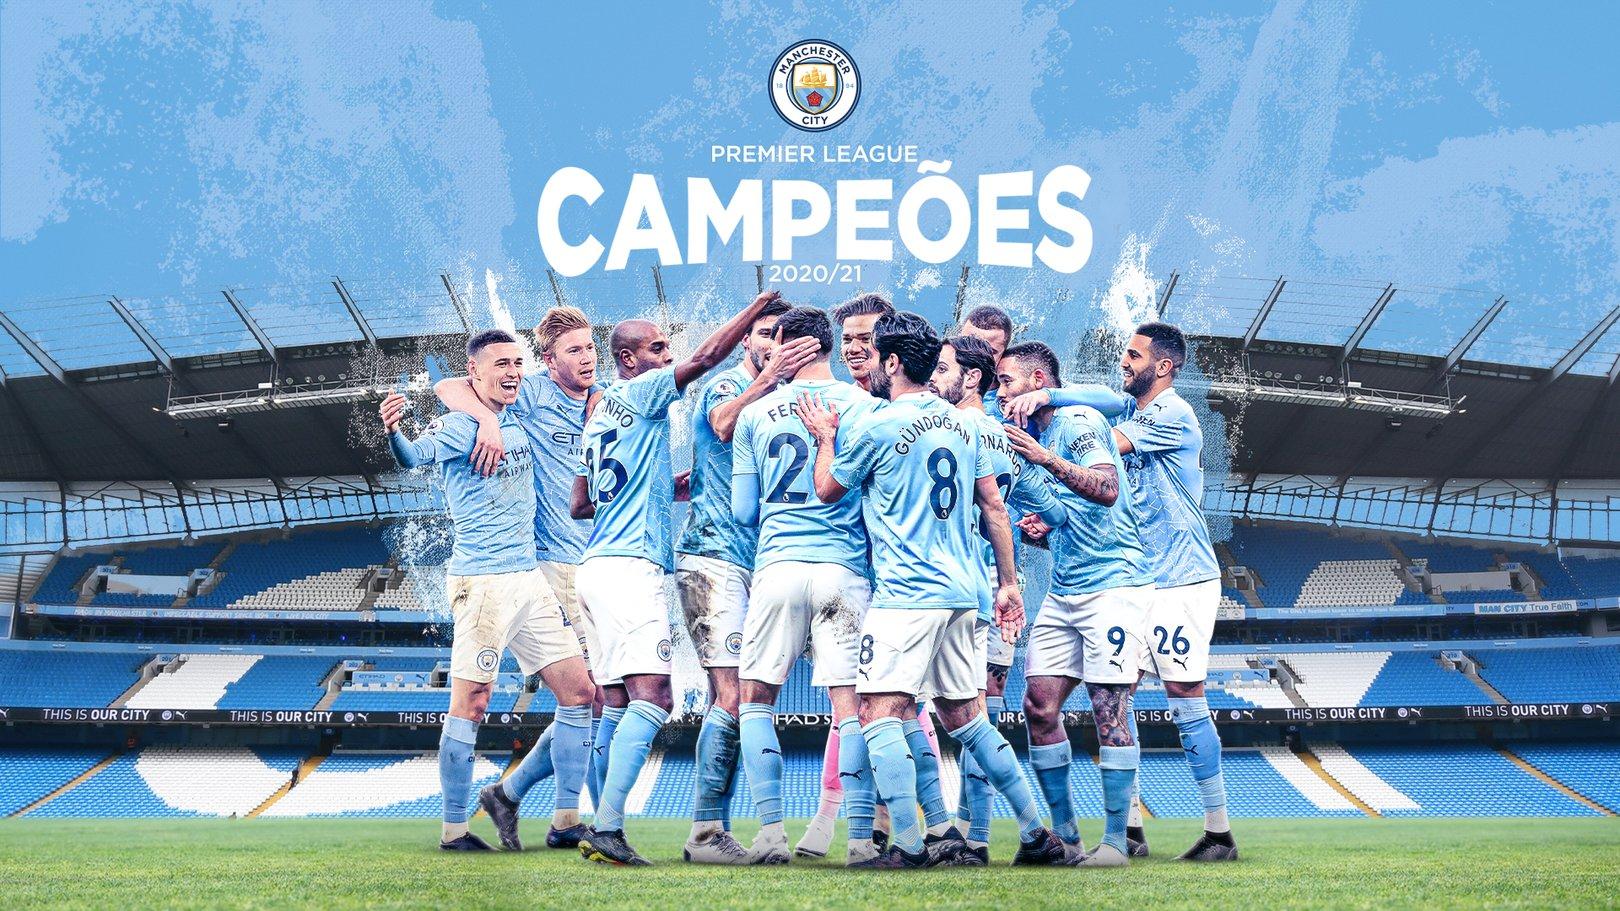 O Manchester City é campeão da Premier League 2020/2021